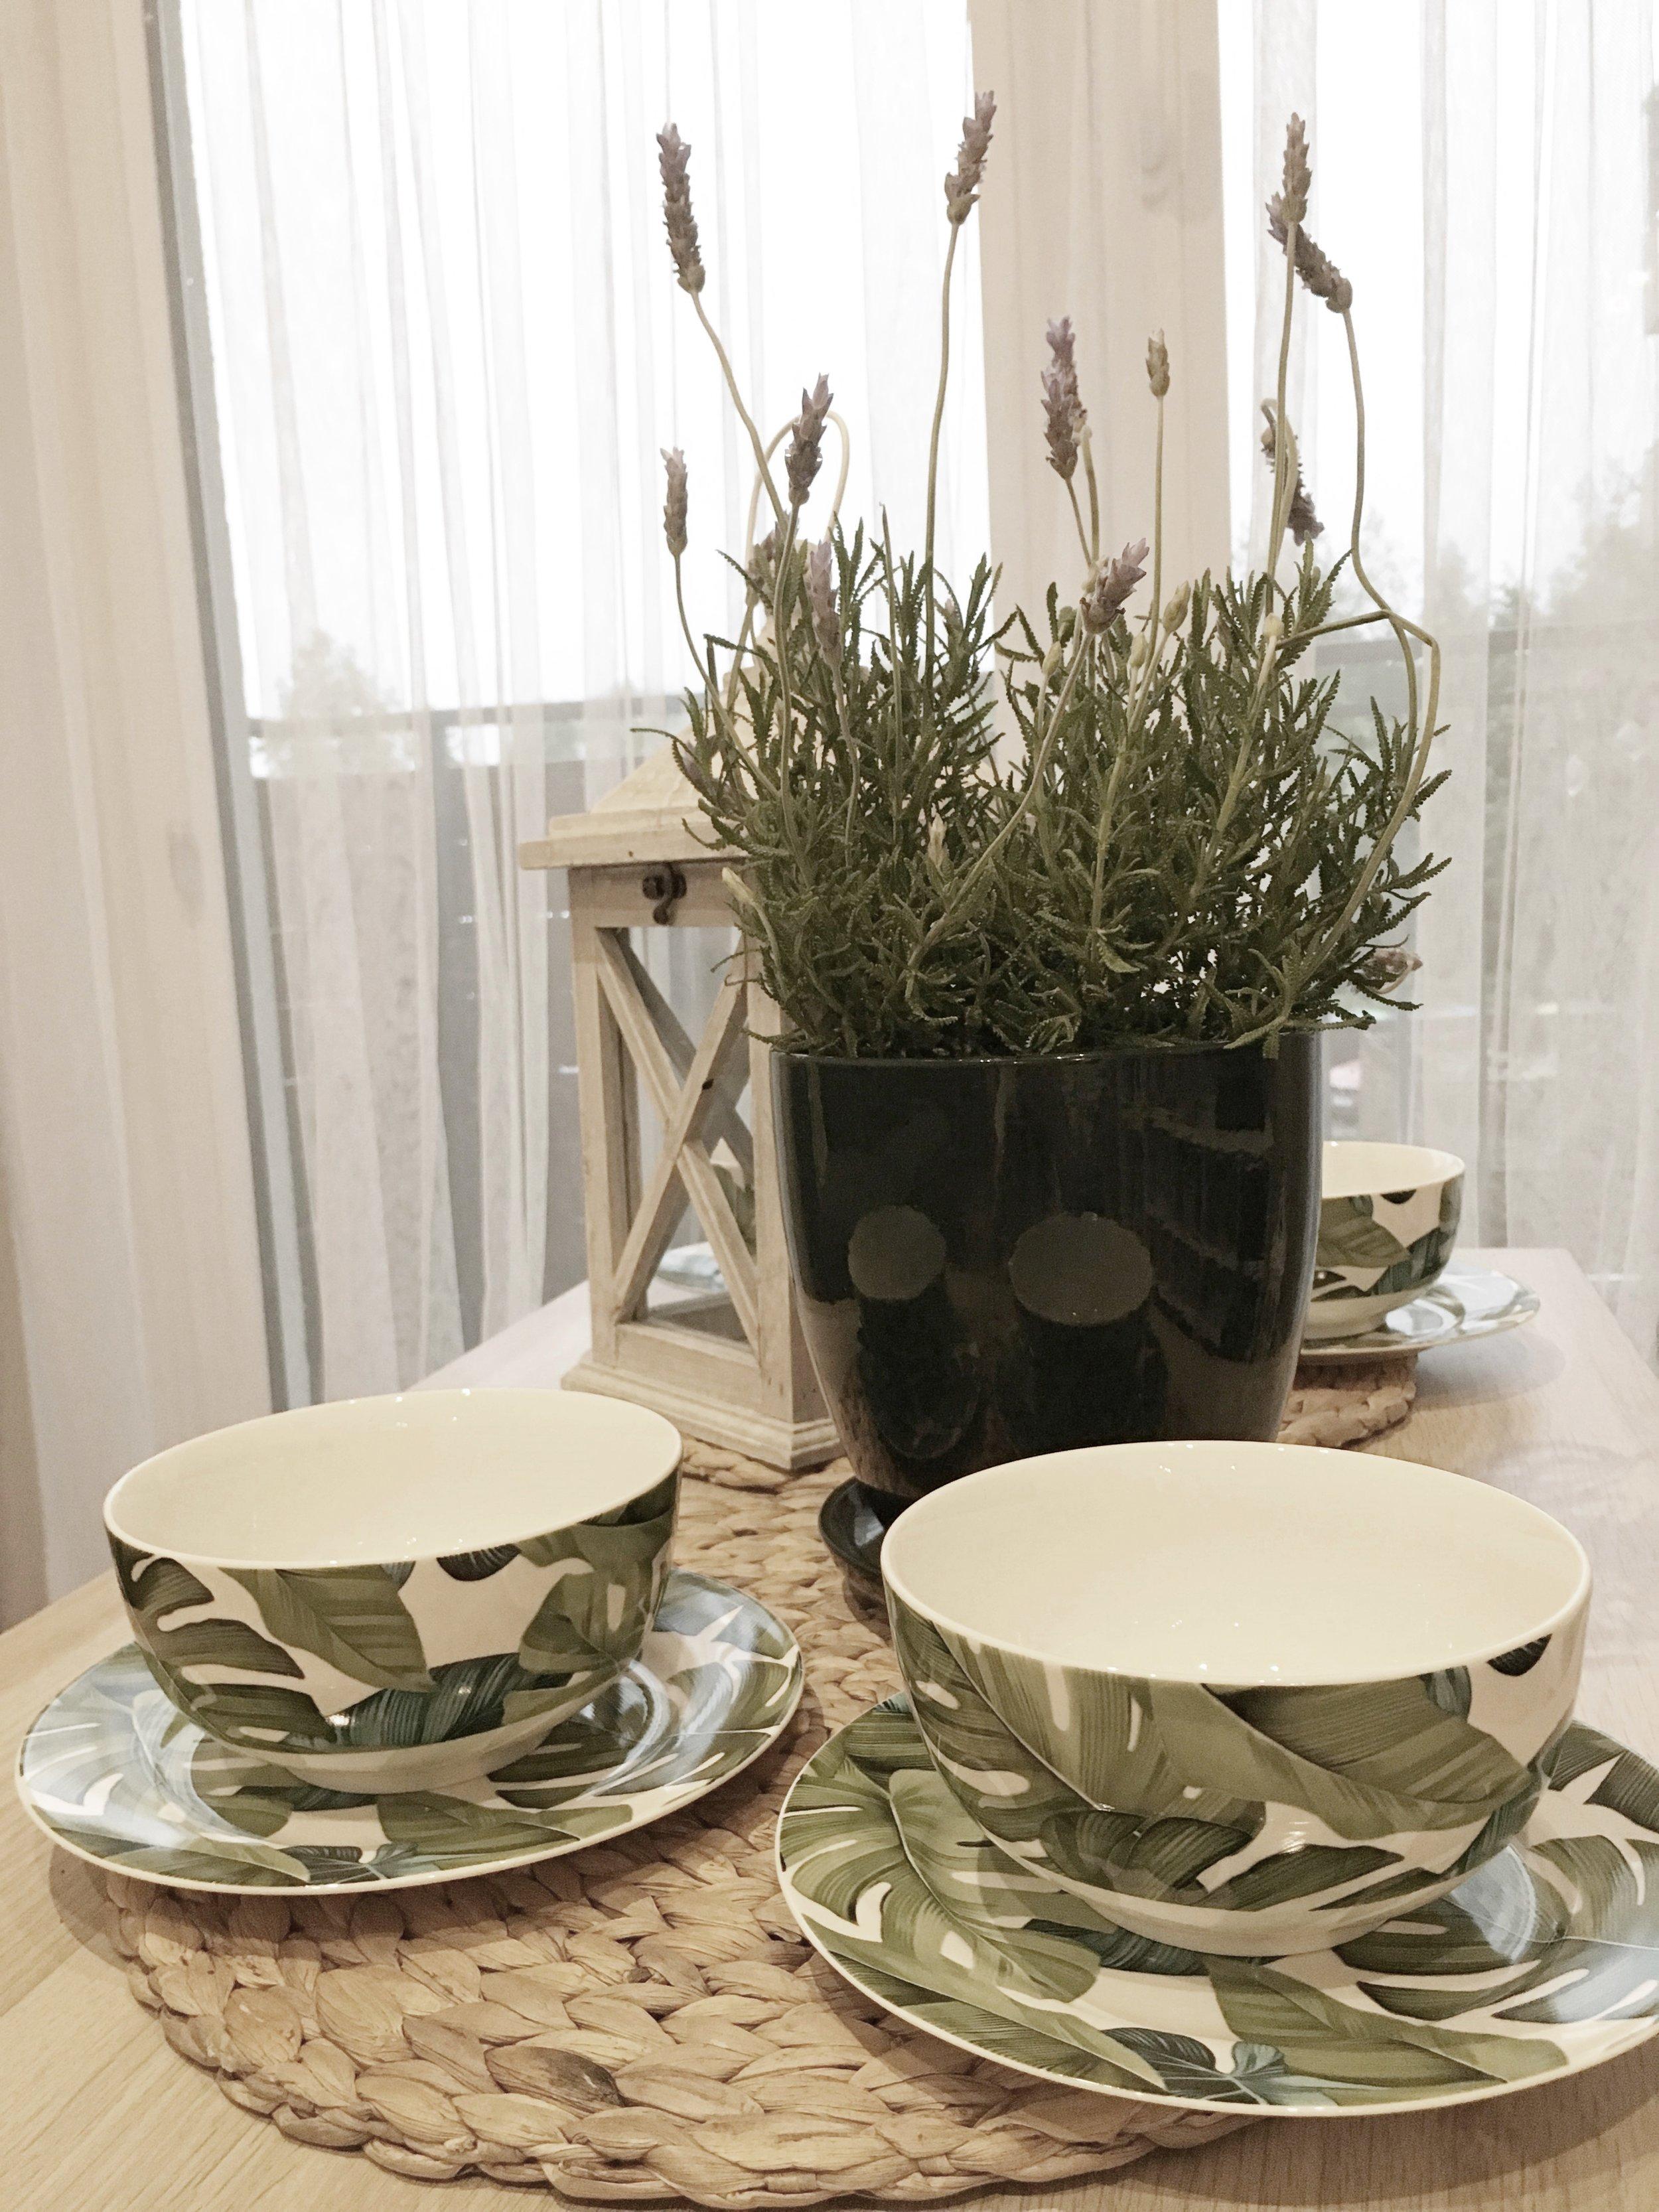 Naczynia z motywem liścia, ceramiczna doniczka z podstawką ciemna zieleń, lawenda, lampion/latarnia:  bricomarche.pl